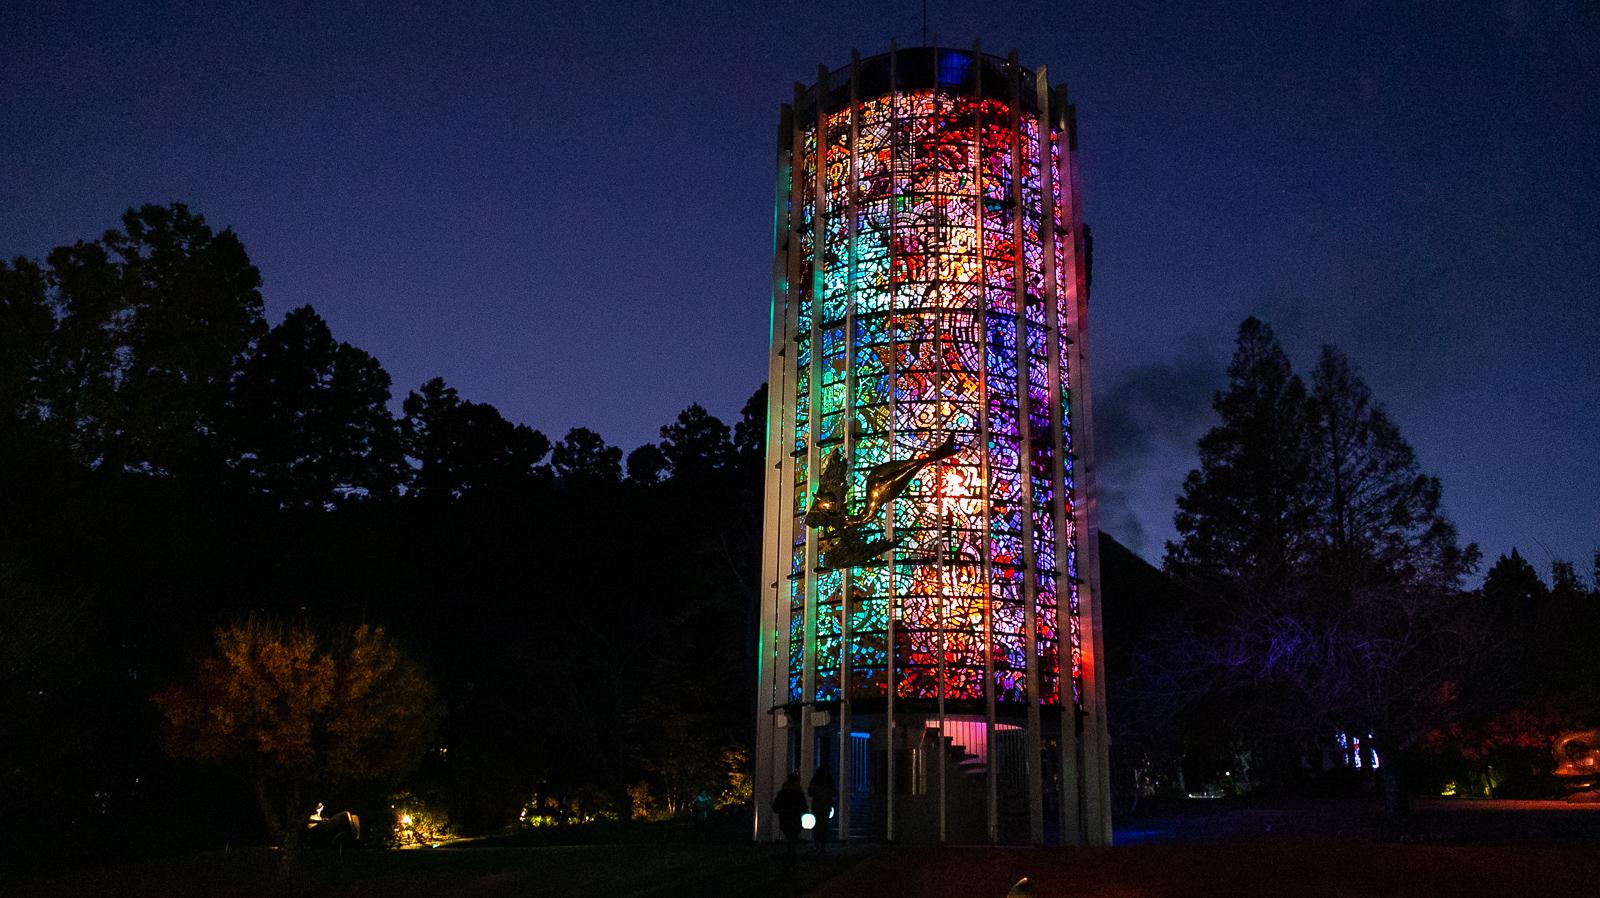 「箱根ナイトミュージアム 2020」箱根の夜のショートトリップを体験してきた(彫刻の森美術館)